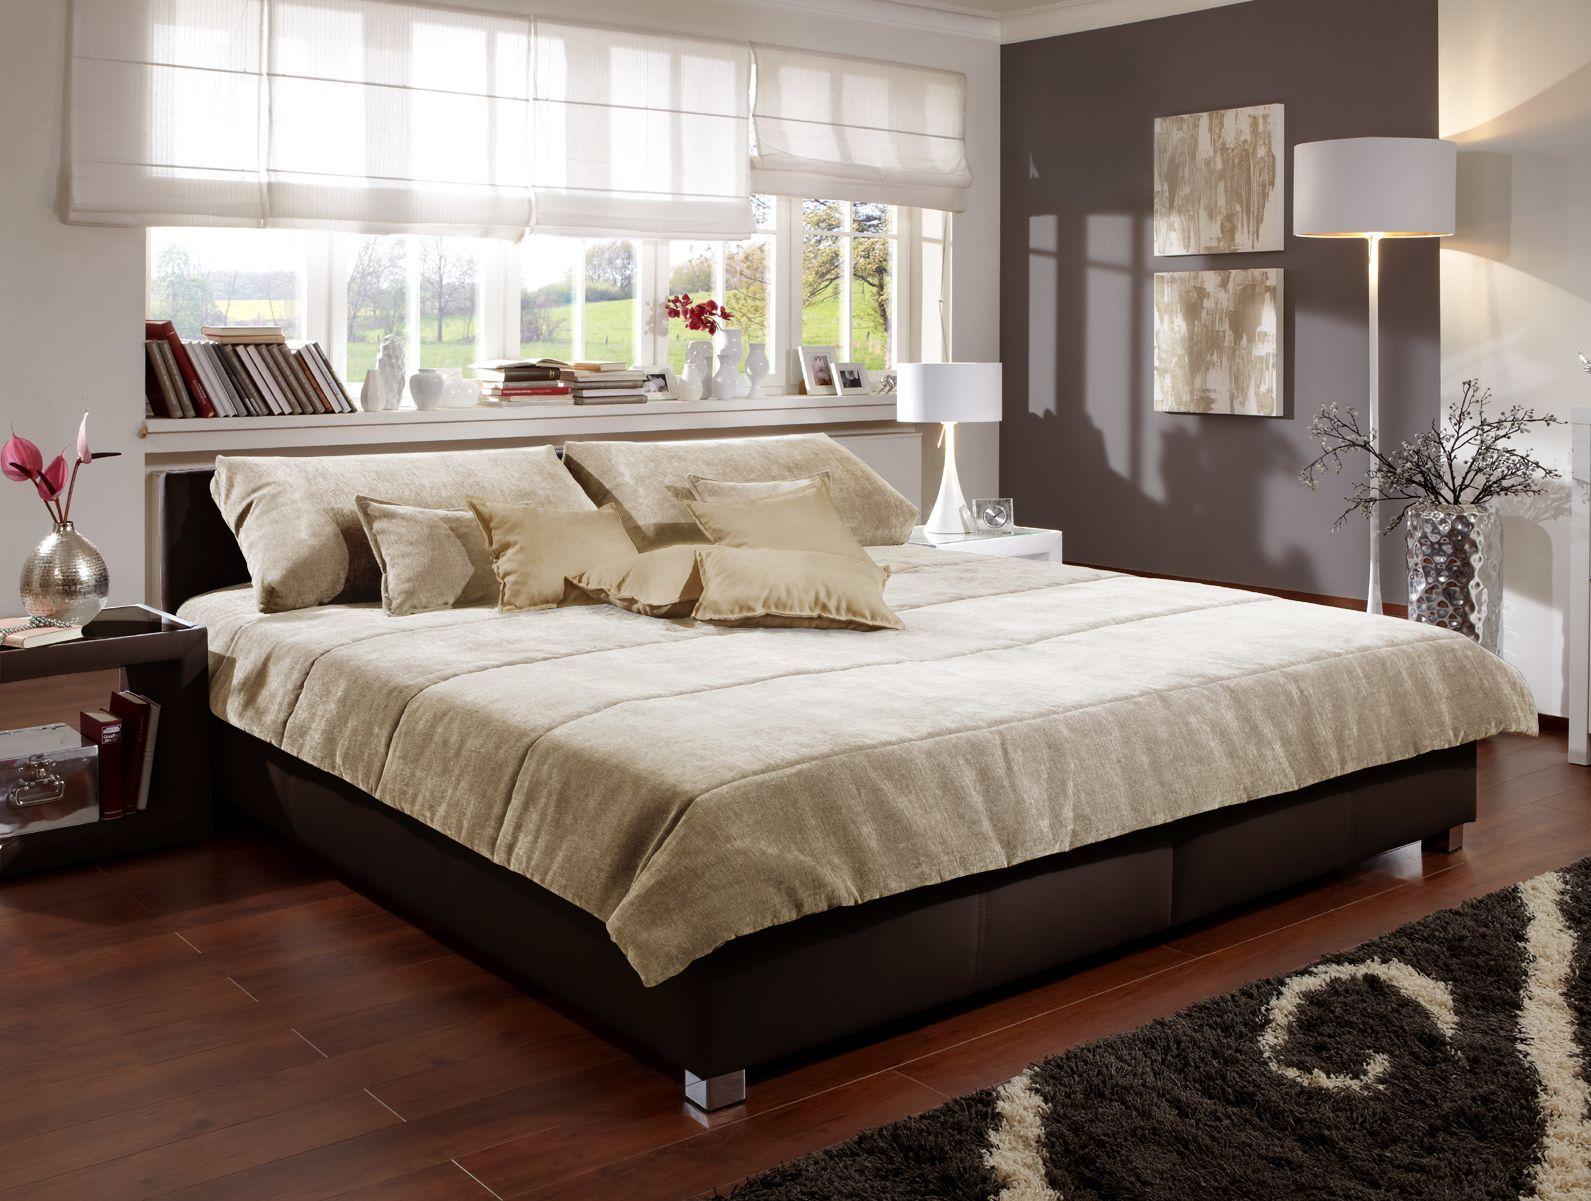 Polsterbett für Ihr Schlafzimmer z. B. in Weiß - Amadeo